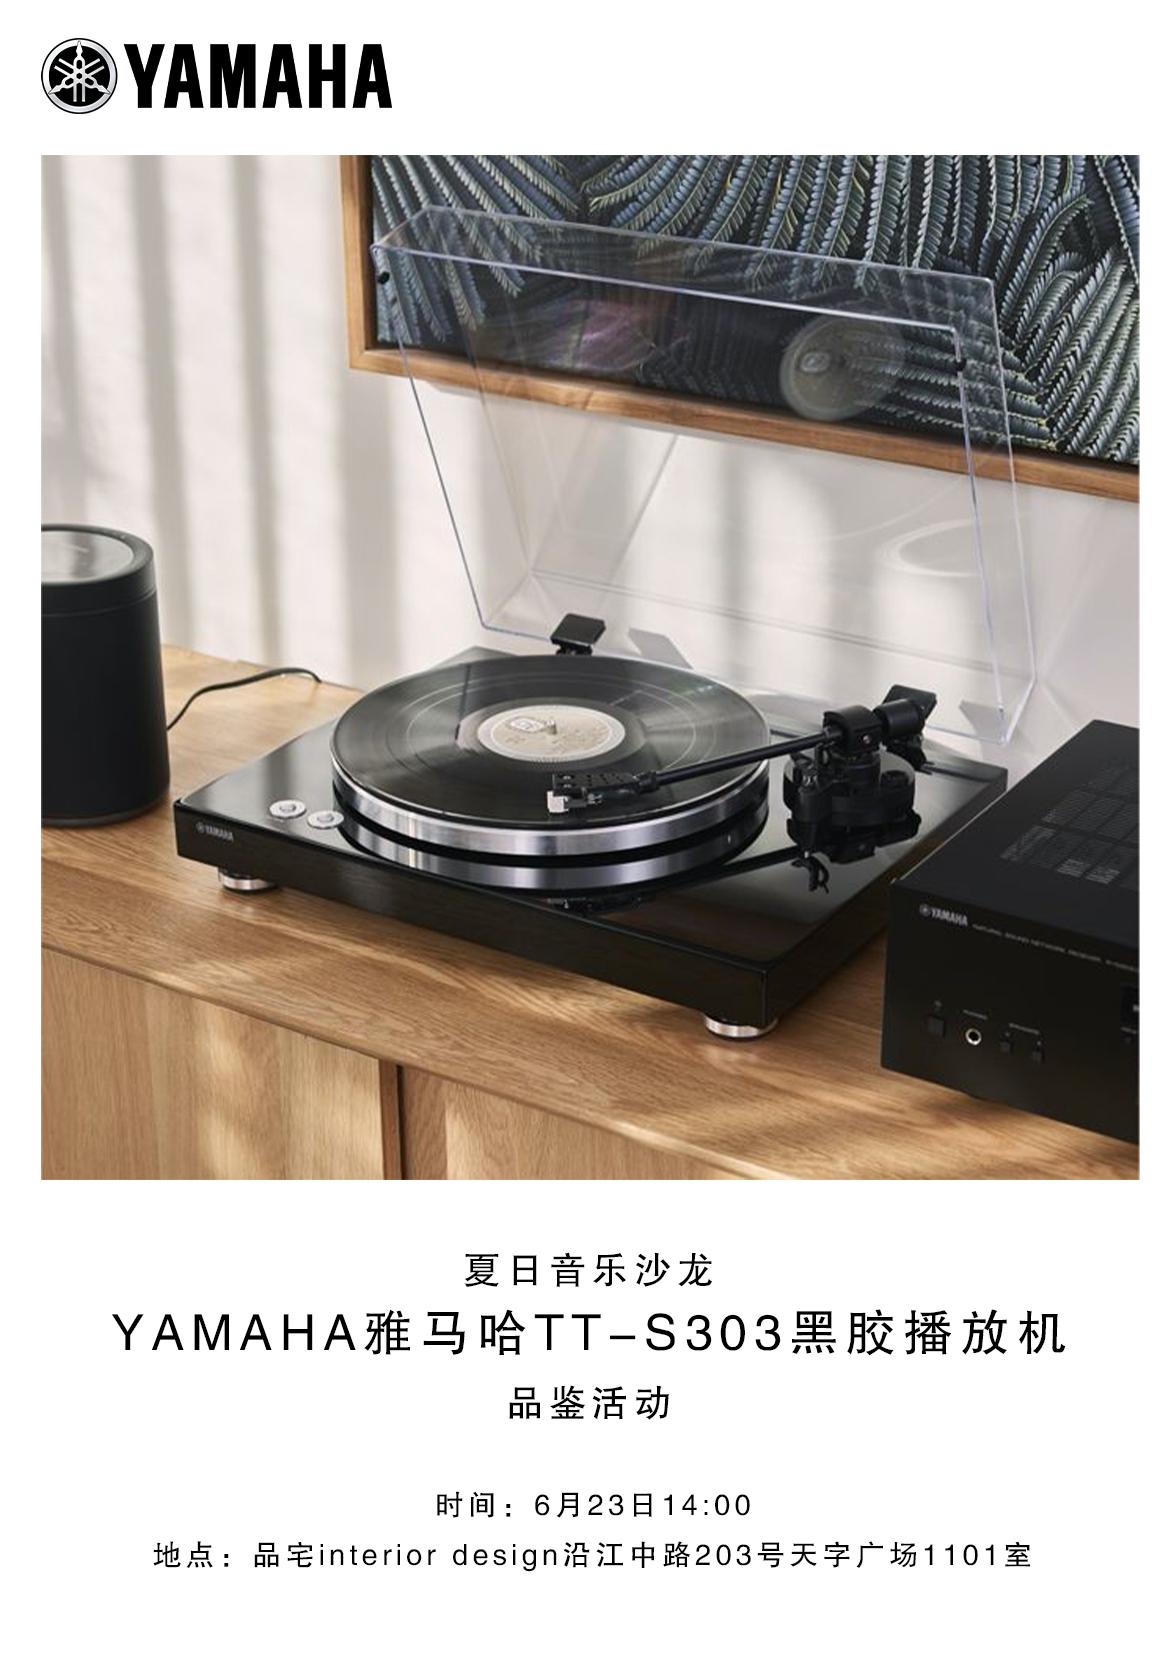 邀请 | 周末黑胶下午茶,影音新生活联手YAMAHA雅马哈举办音乐沙龙